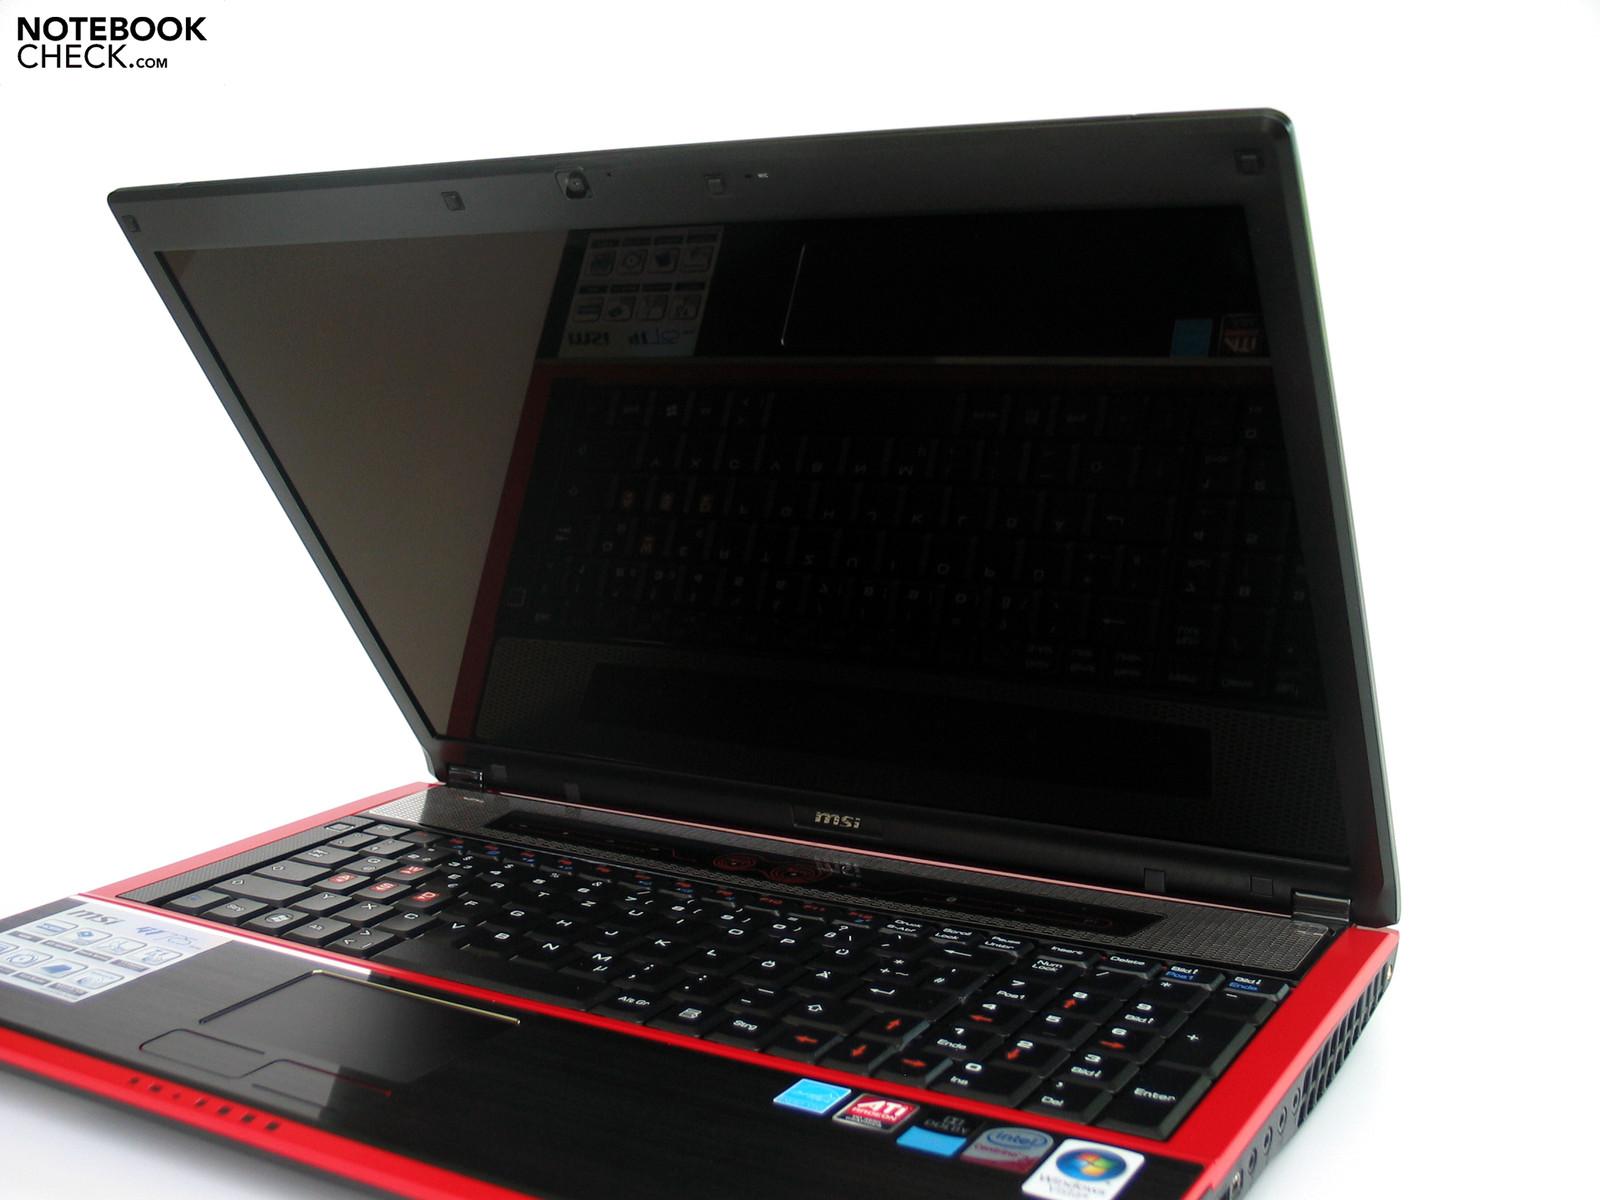 MSI GX740 Notebook ATI VGA Drivers for Windows